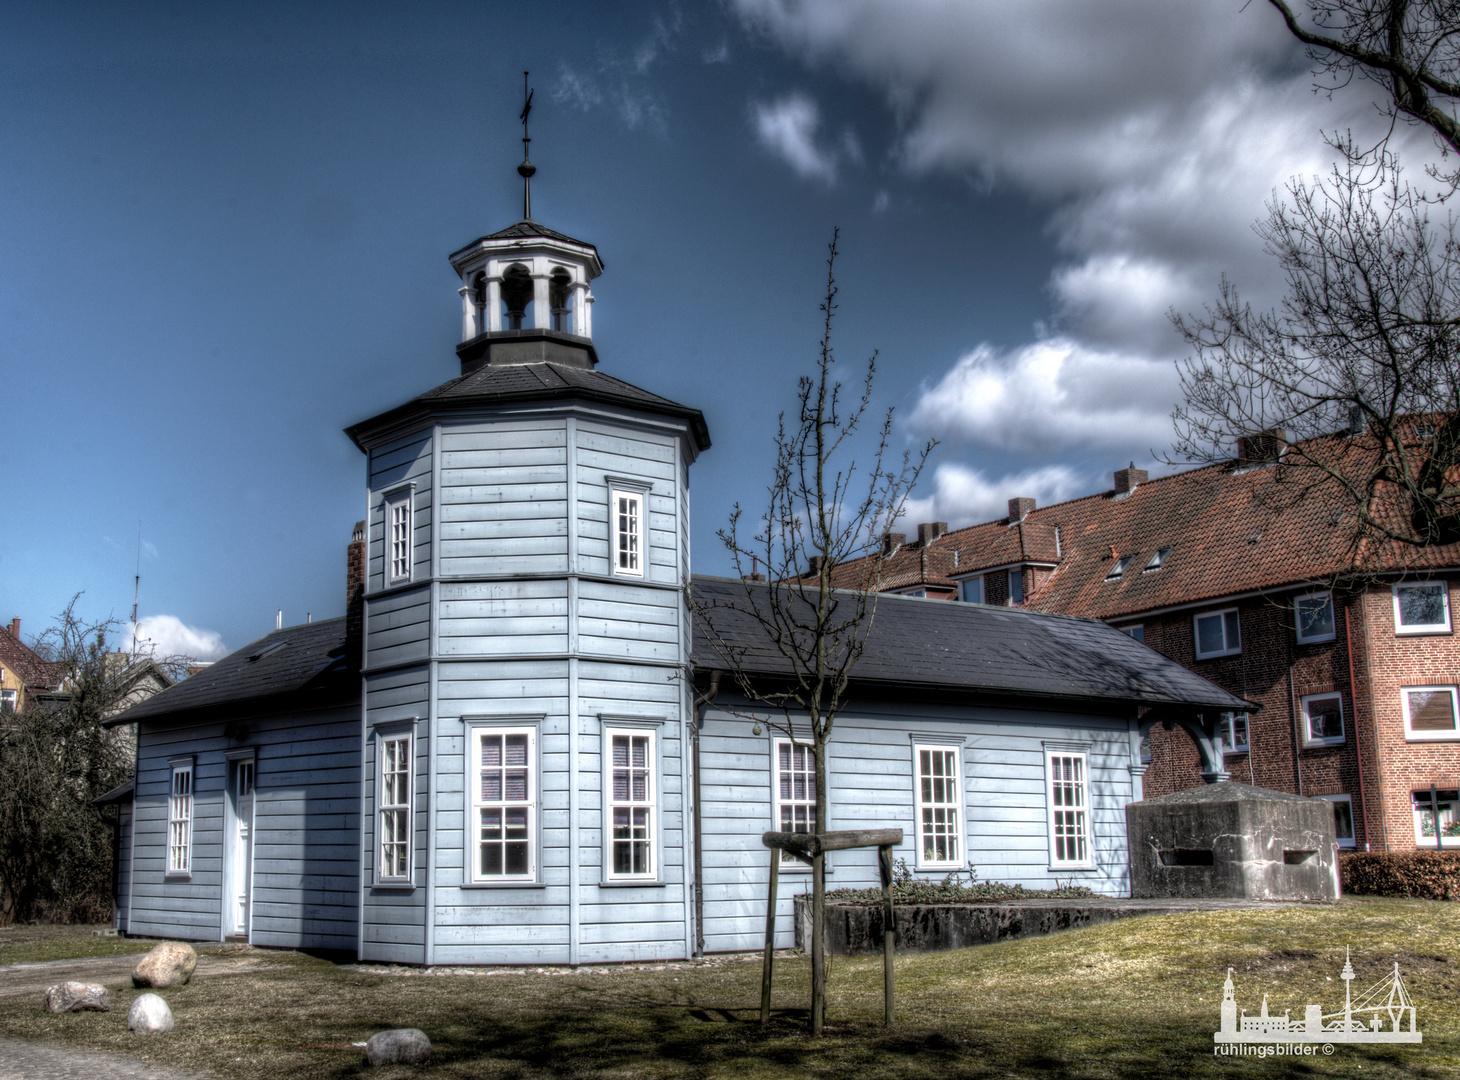 Schönes altes Bahnhofsgebäude